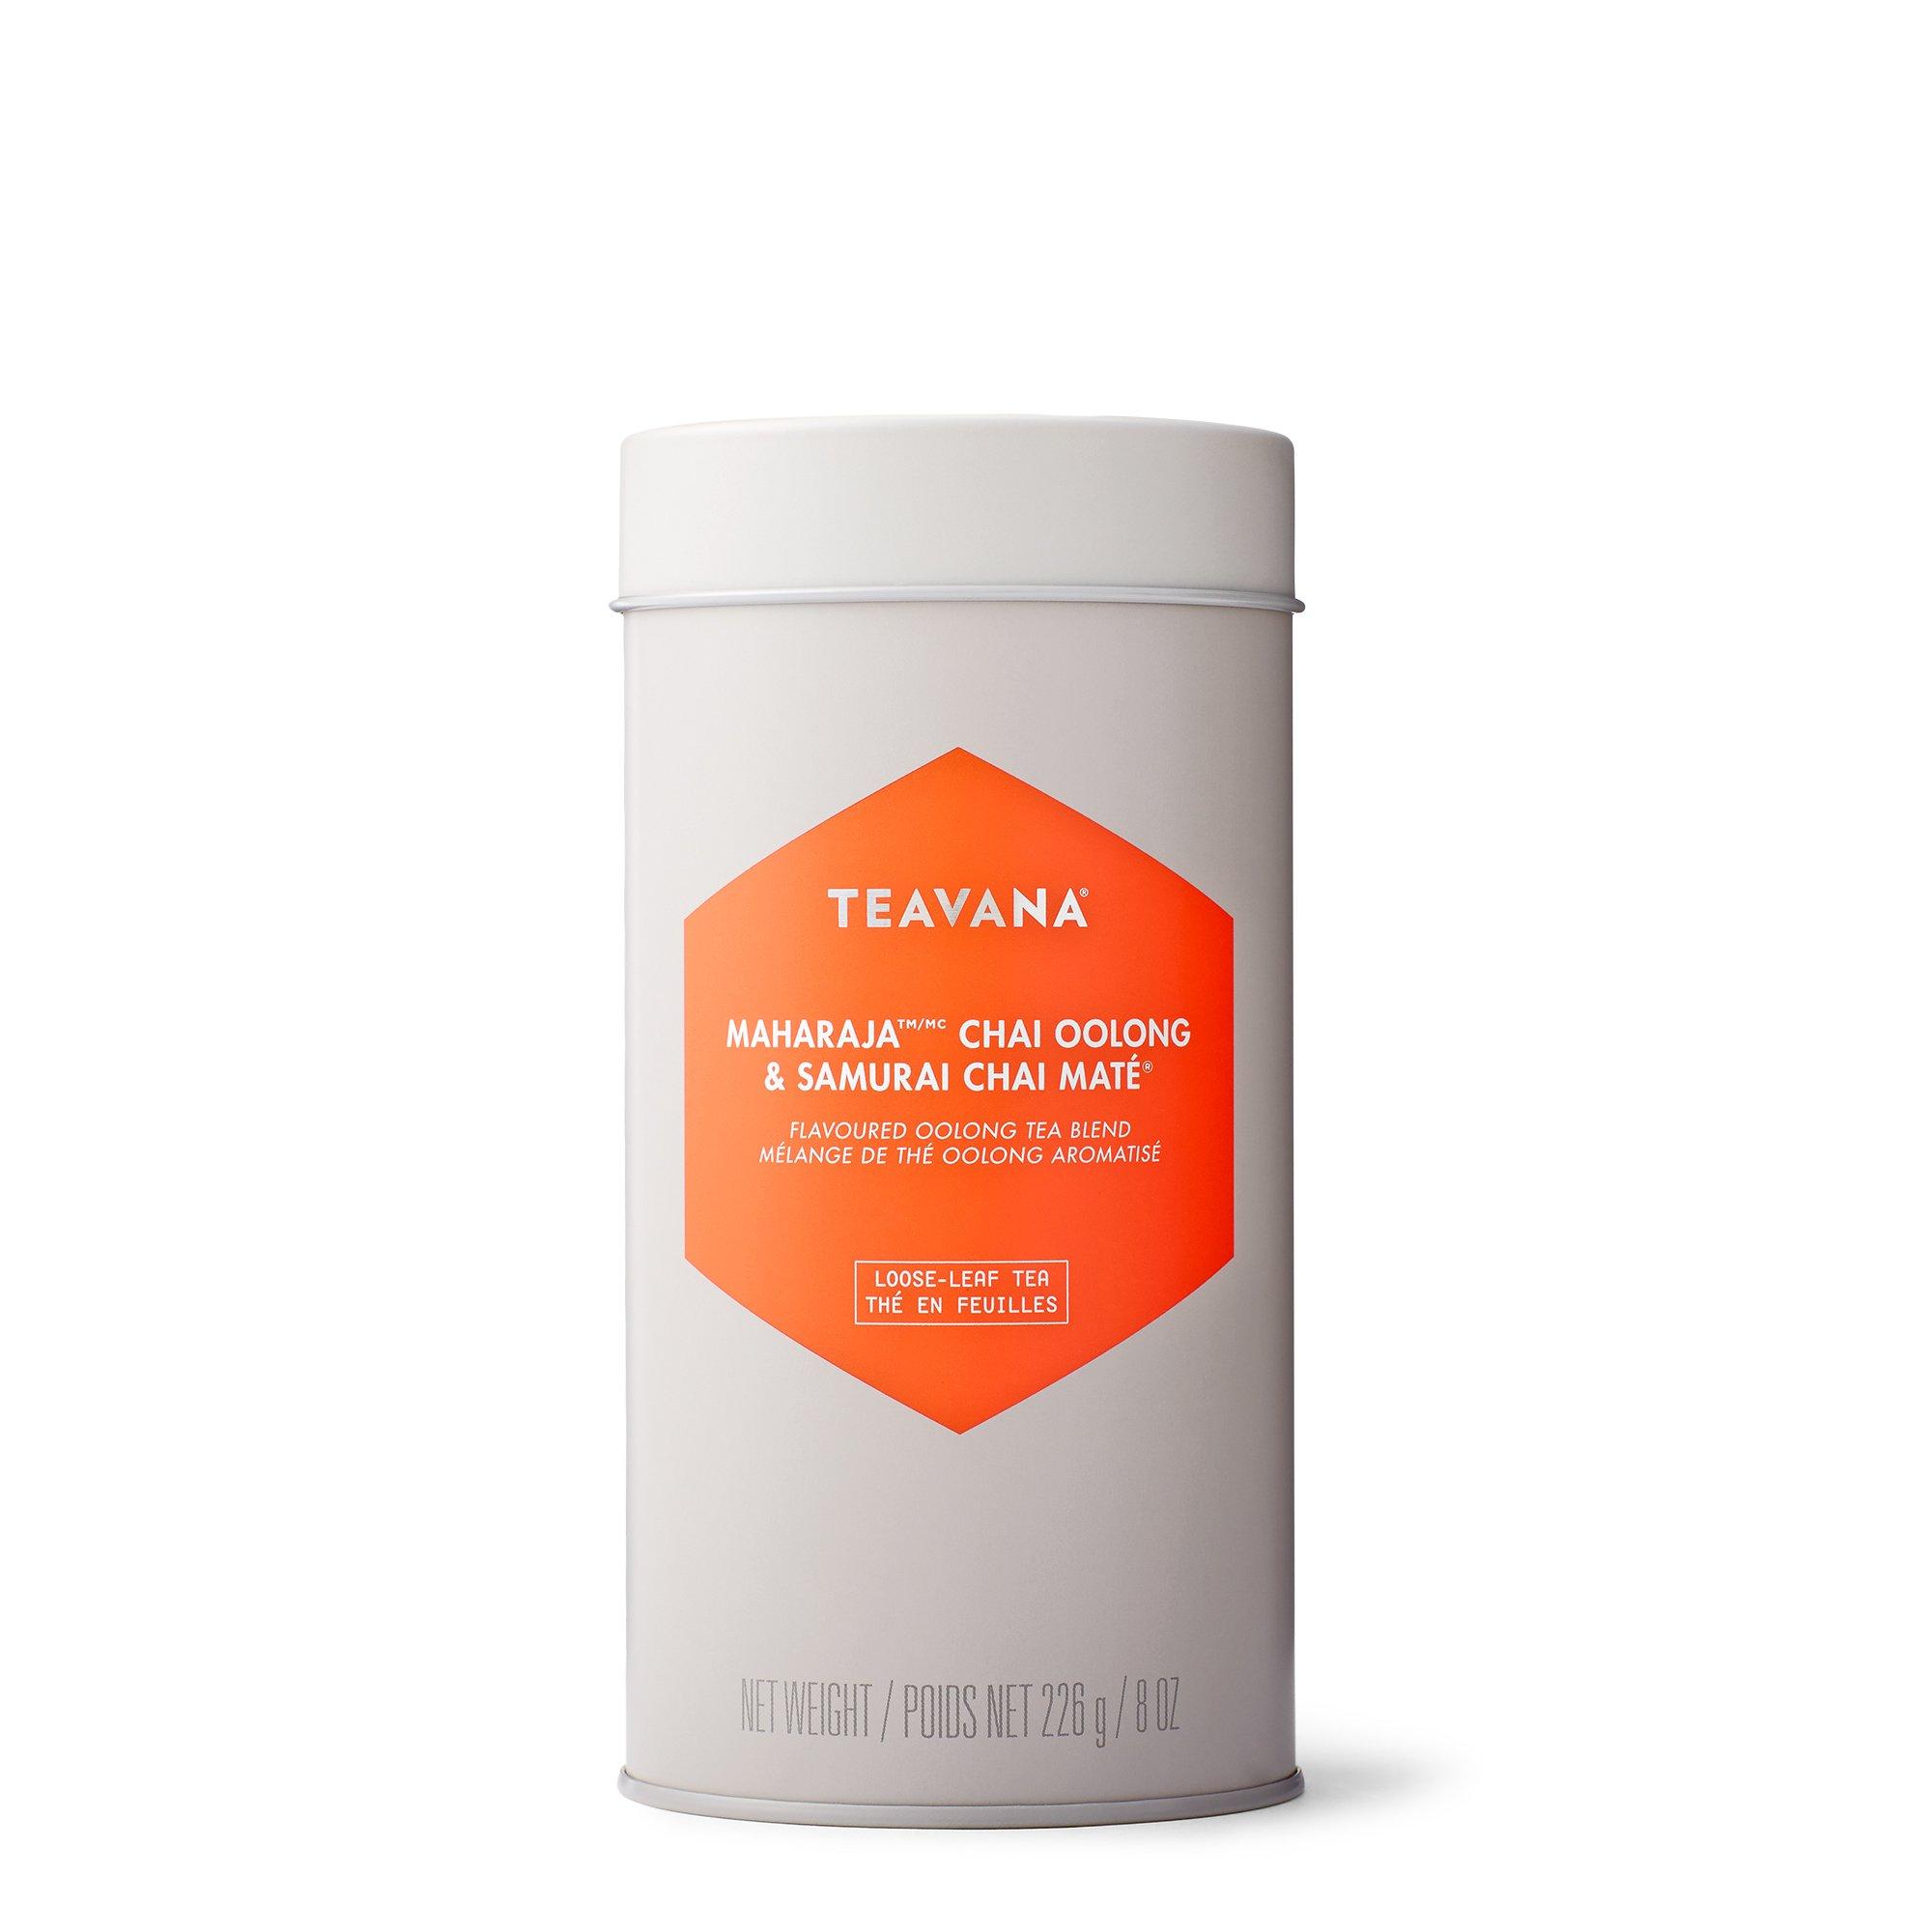 Maharaja & Samurai Chai Mate Tea-Filled Tin by Teavana